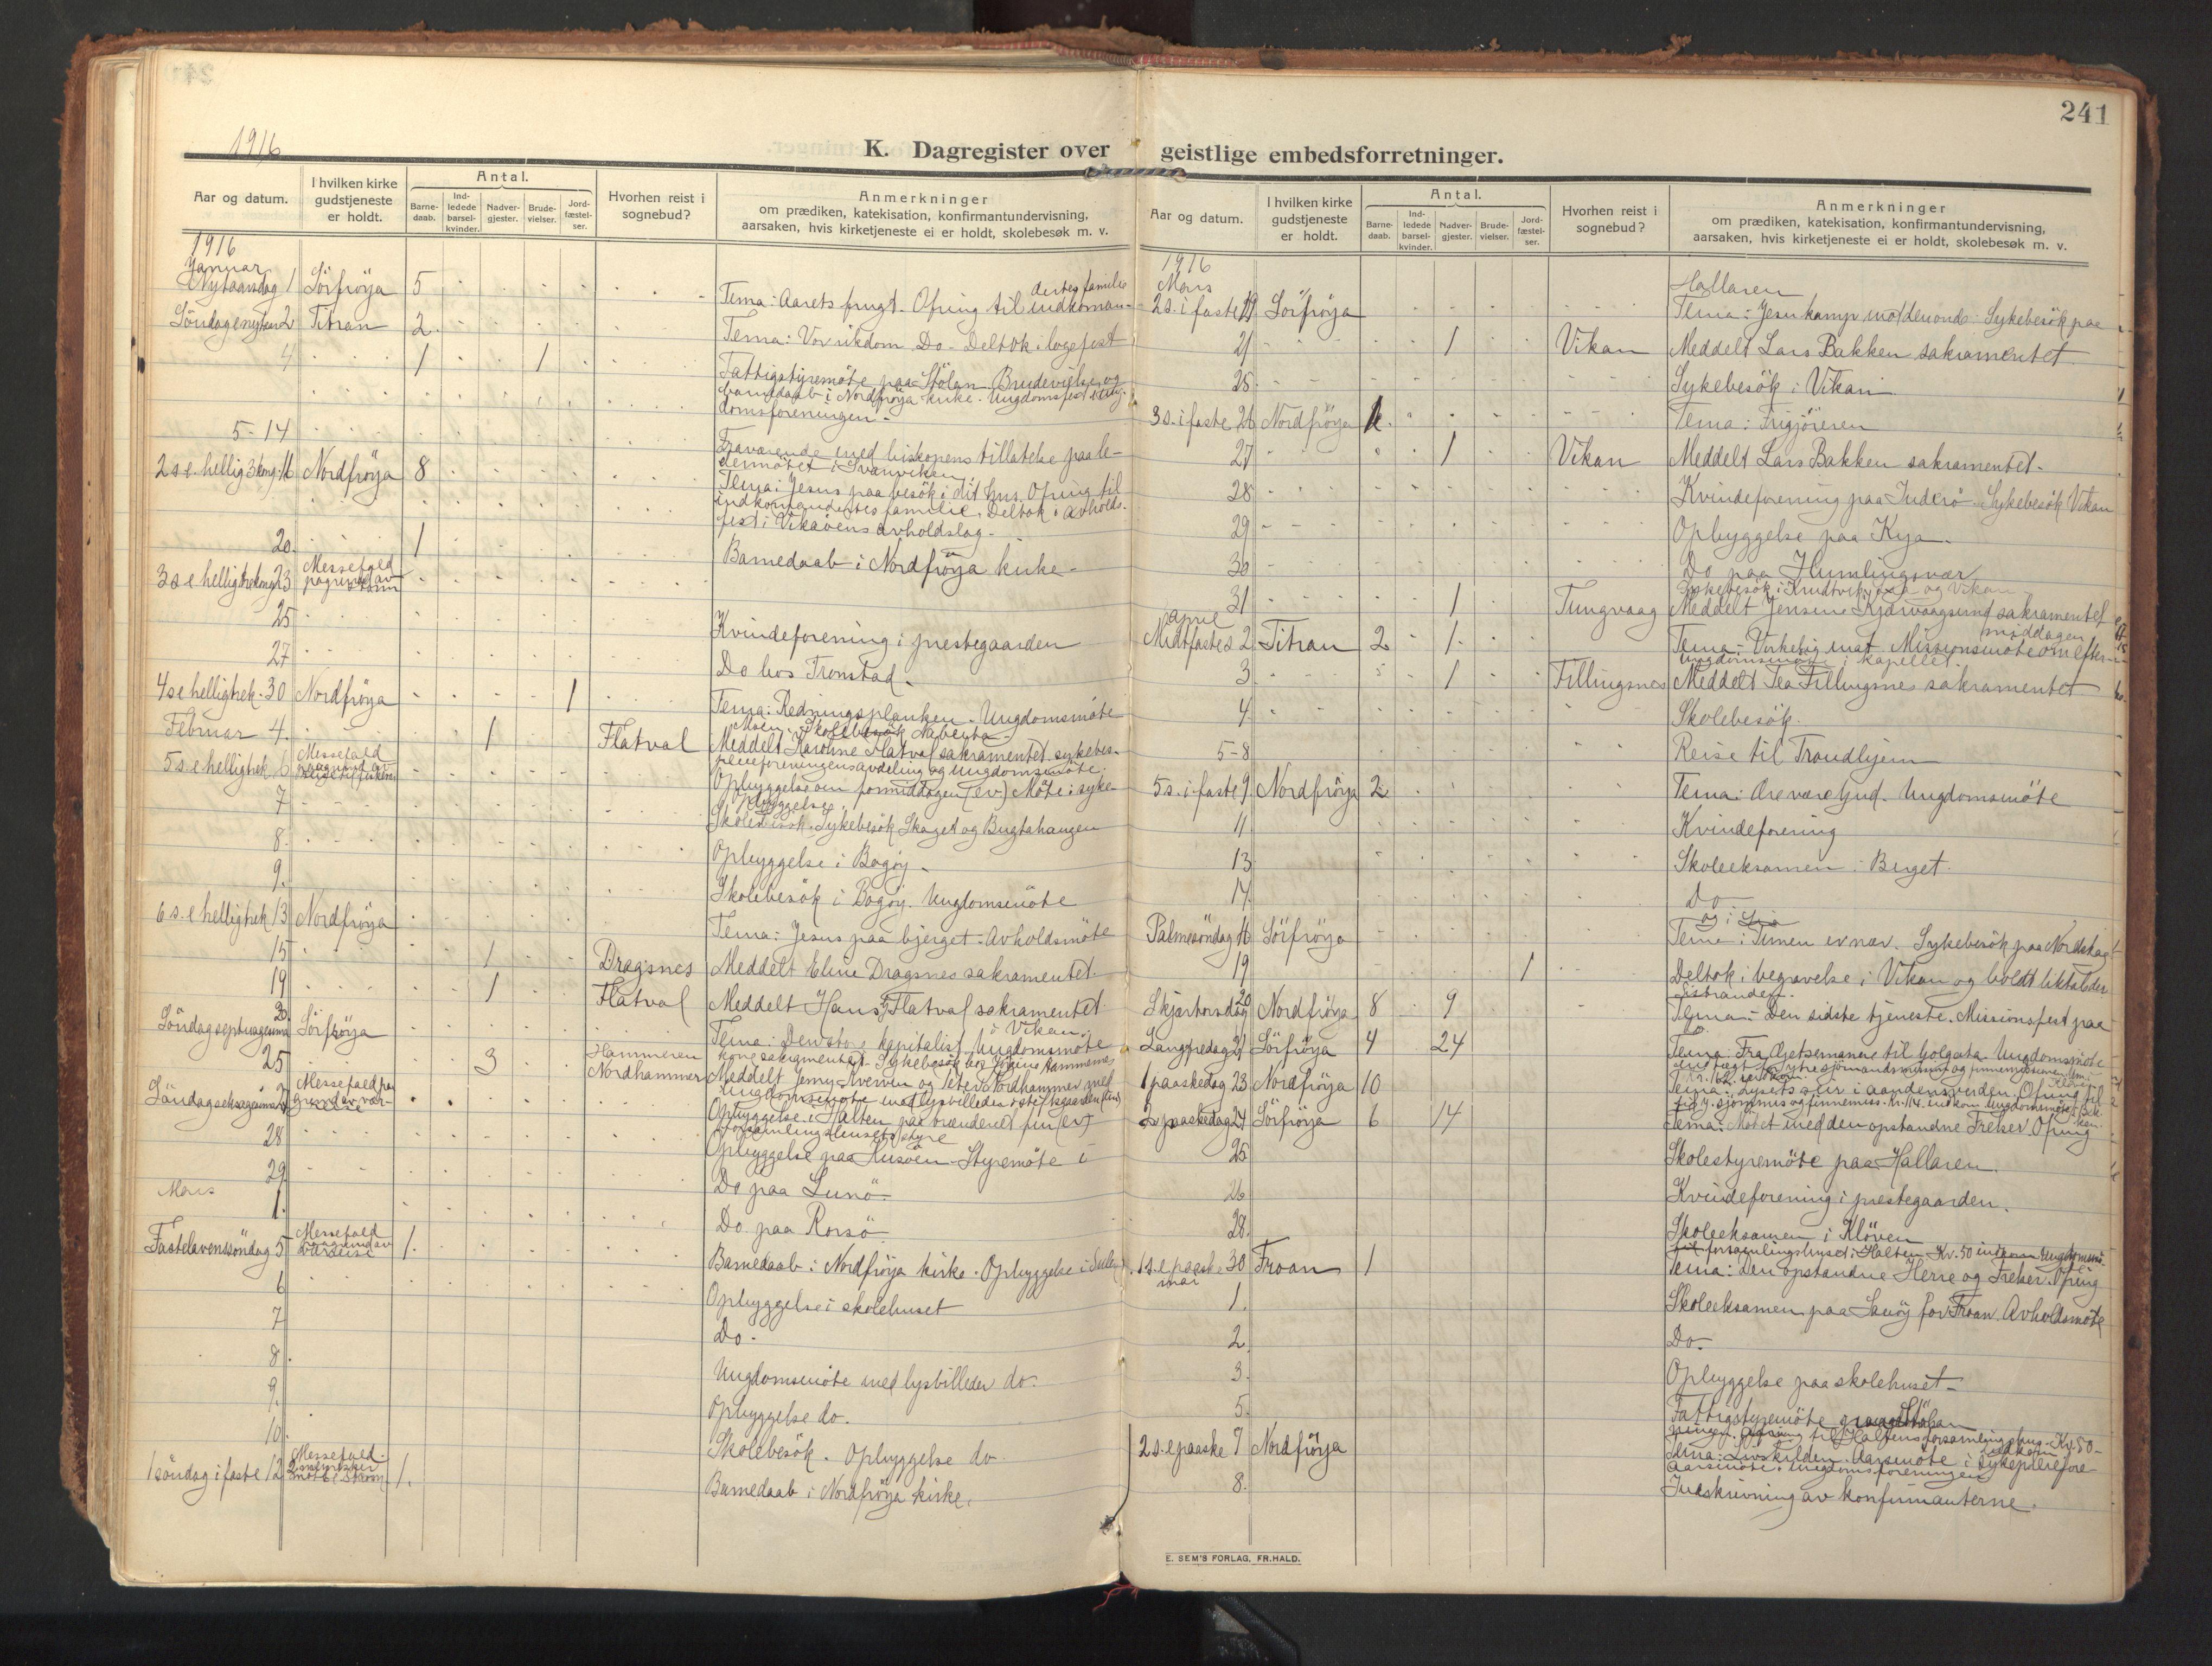 SAT, Ministerialprotokoller, klokkerbøker og fødselsregistre - Sør-Trøndelag, 640/L0581: Ministerialbok nr. 640A06, 1910-1924, s. 241